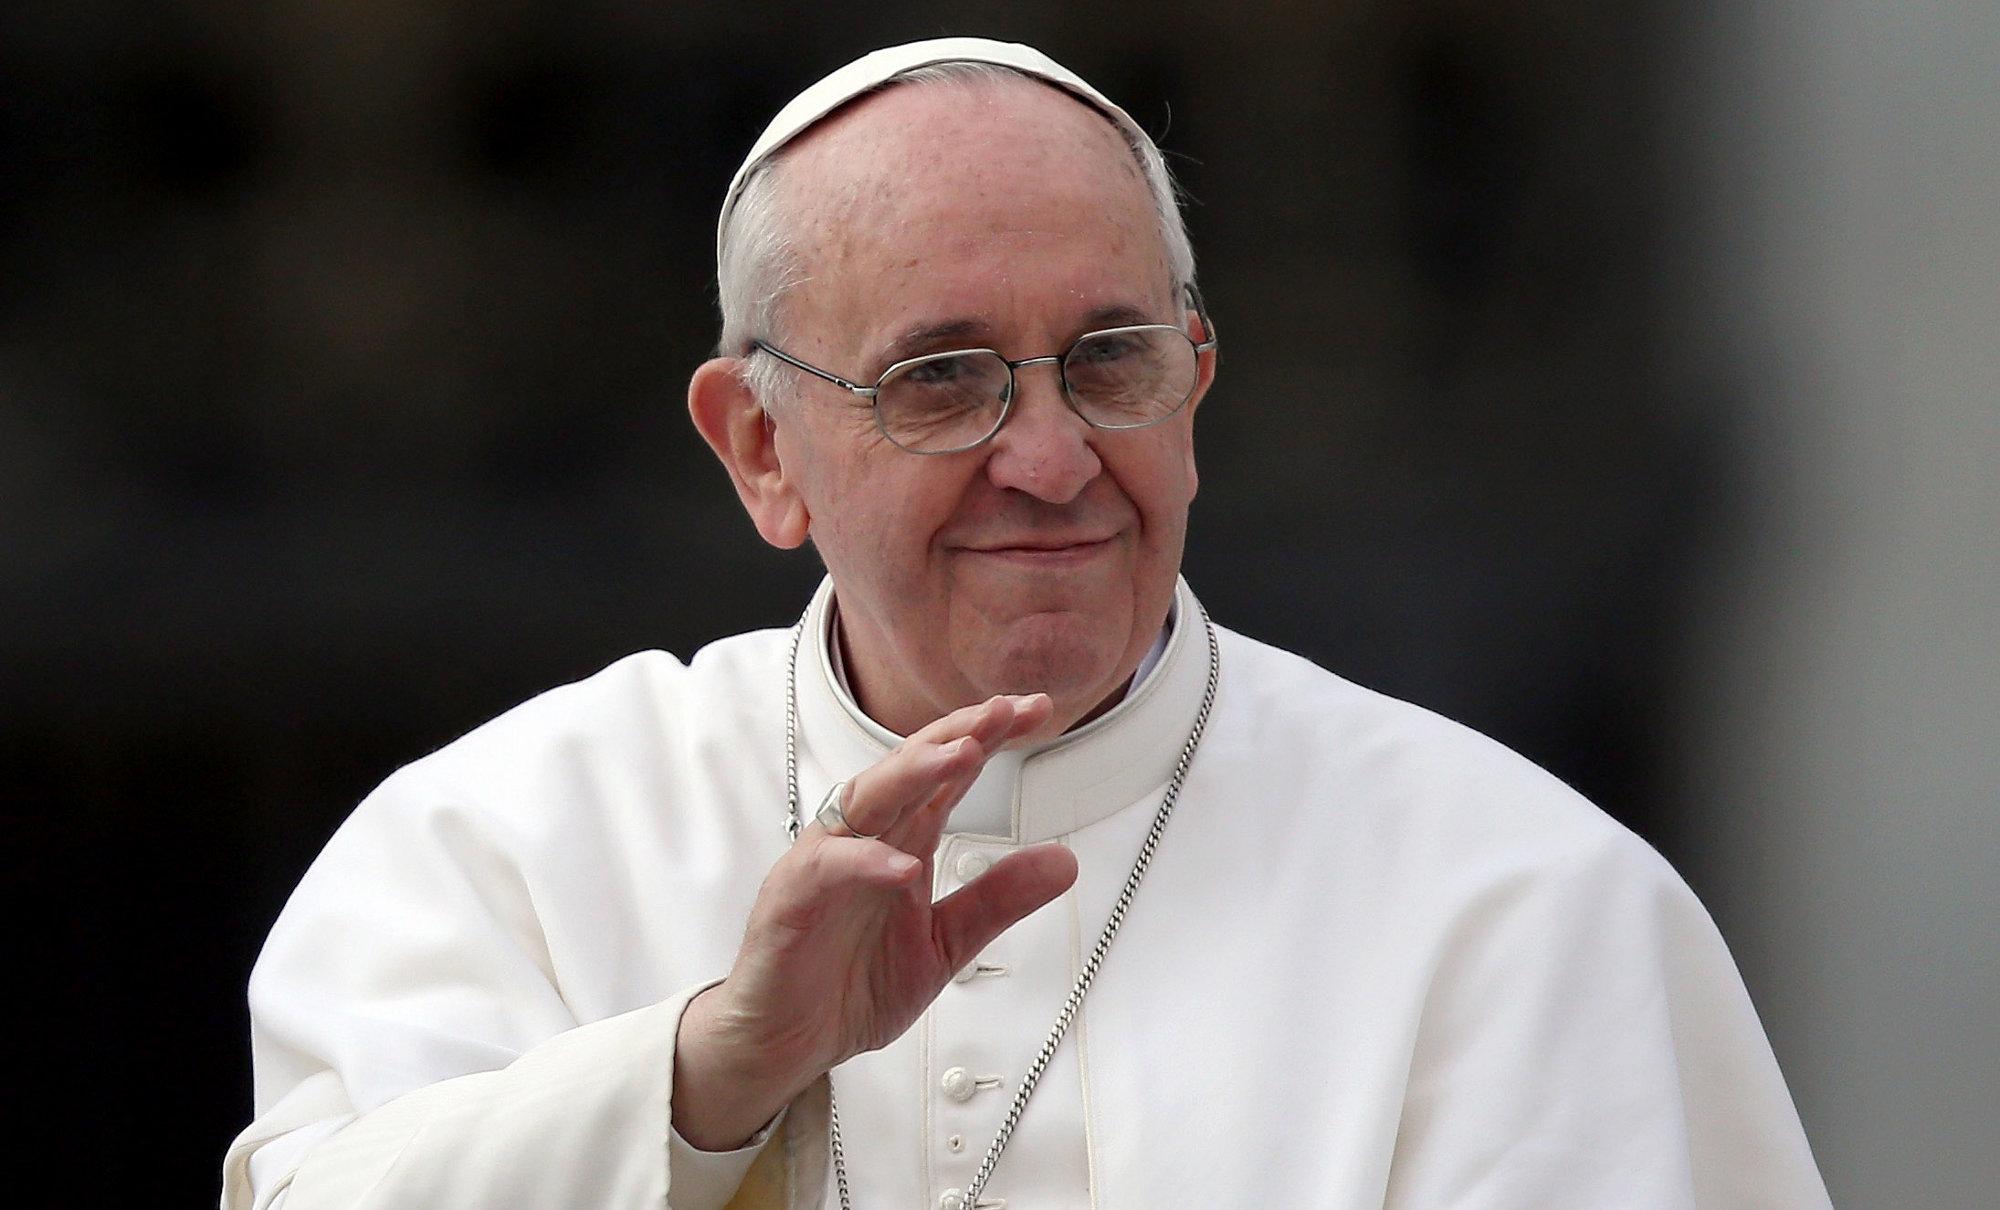 El papa: Se pueden tener opiniones diferentes, pero sin despreciar a nadie